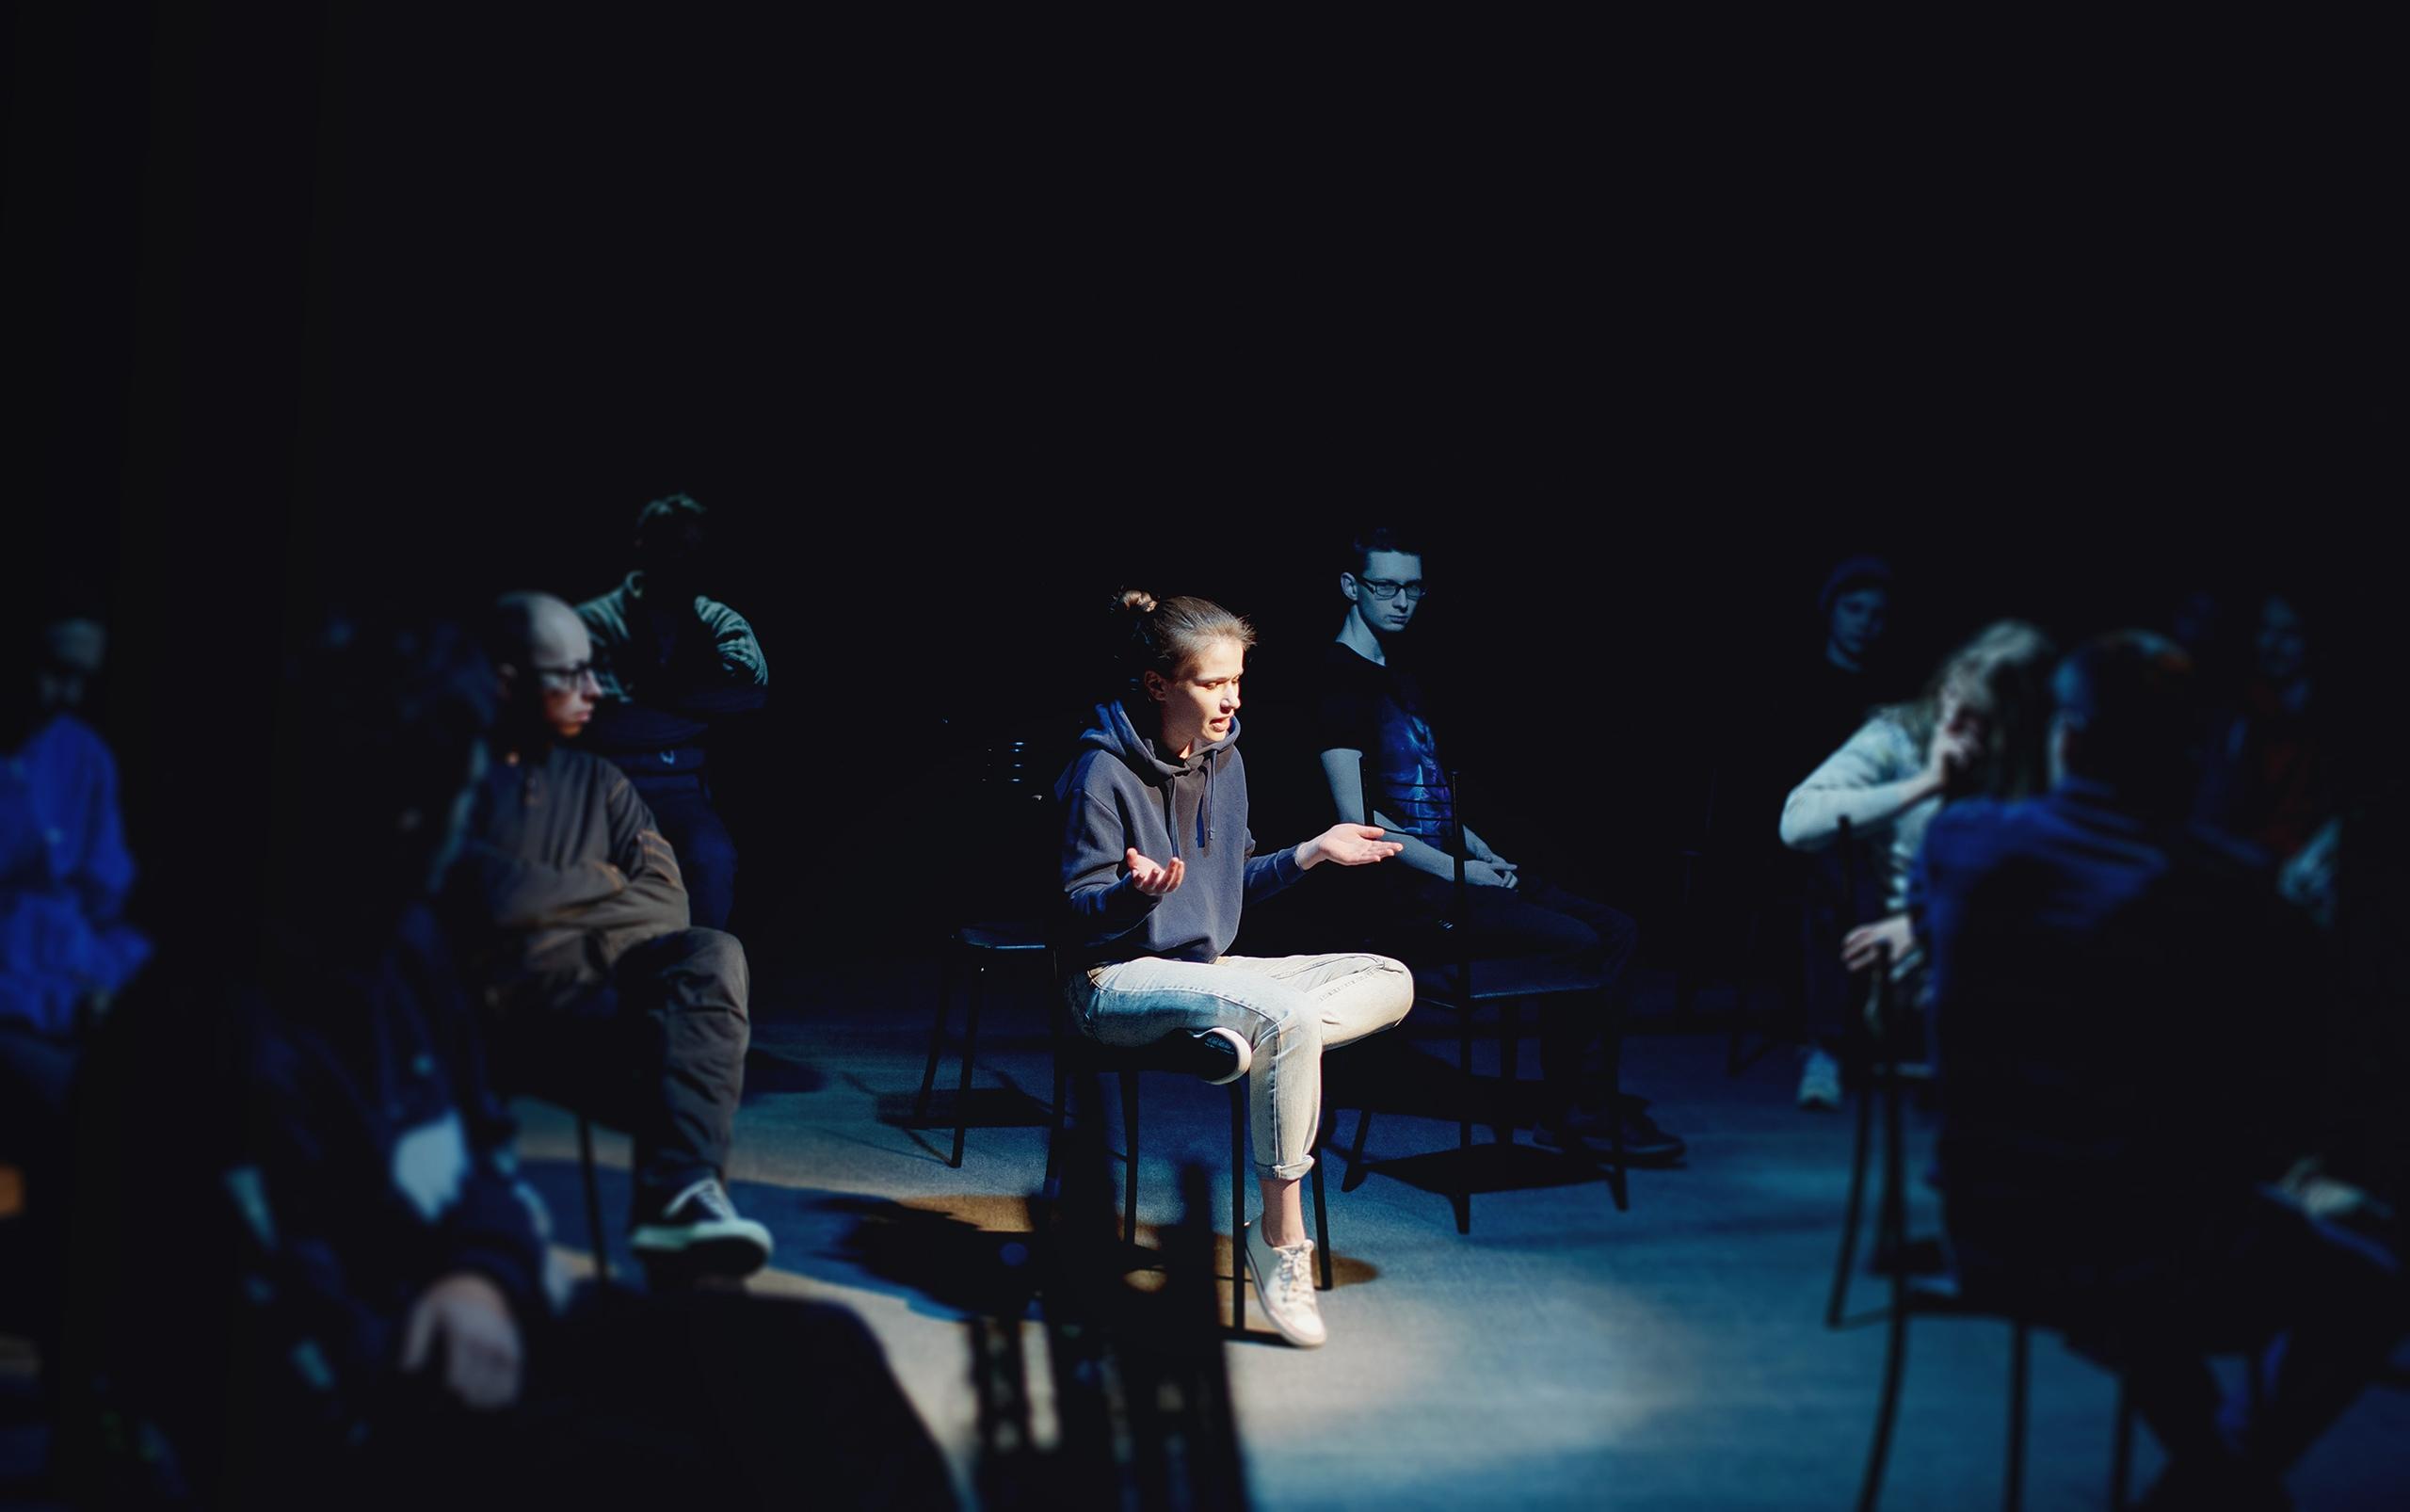 В студии-театре «Манекен» состоялась премьера вербатима помотивам Челябинска